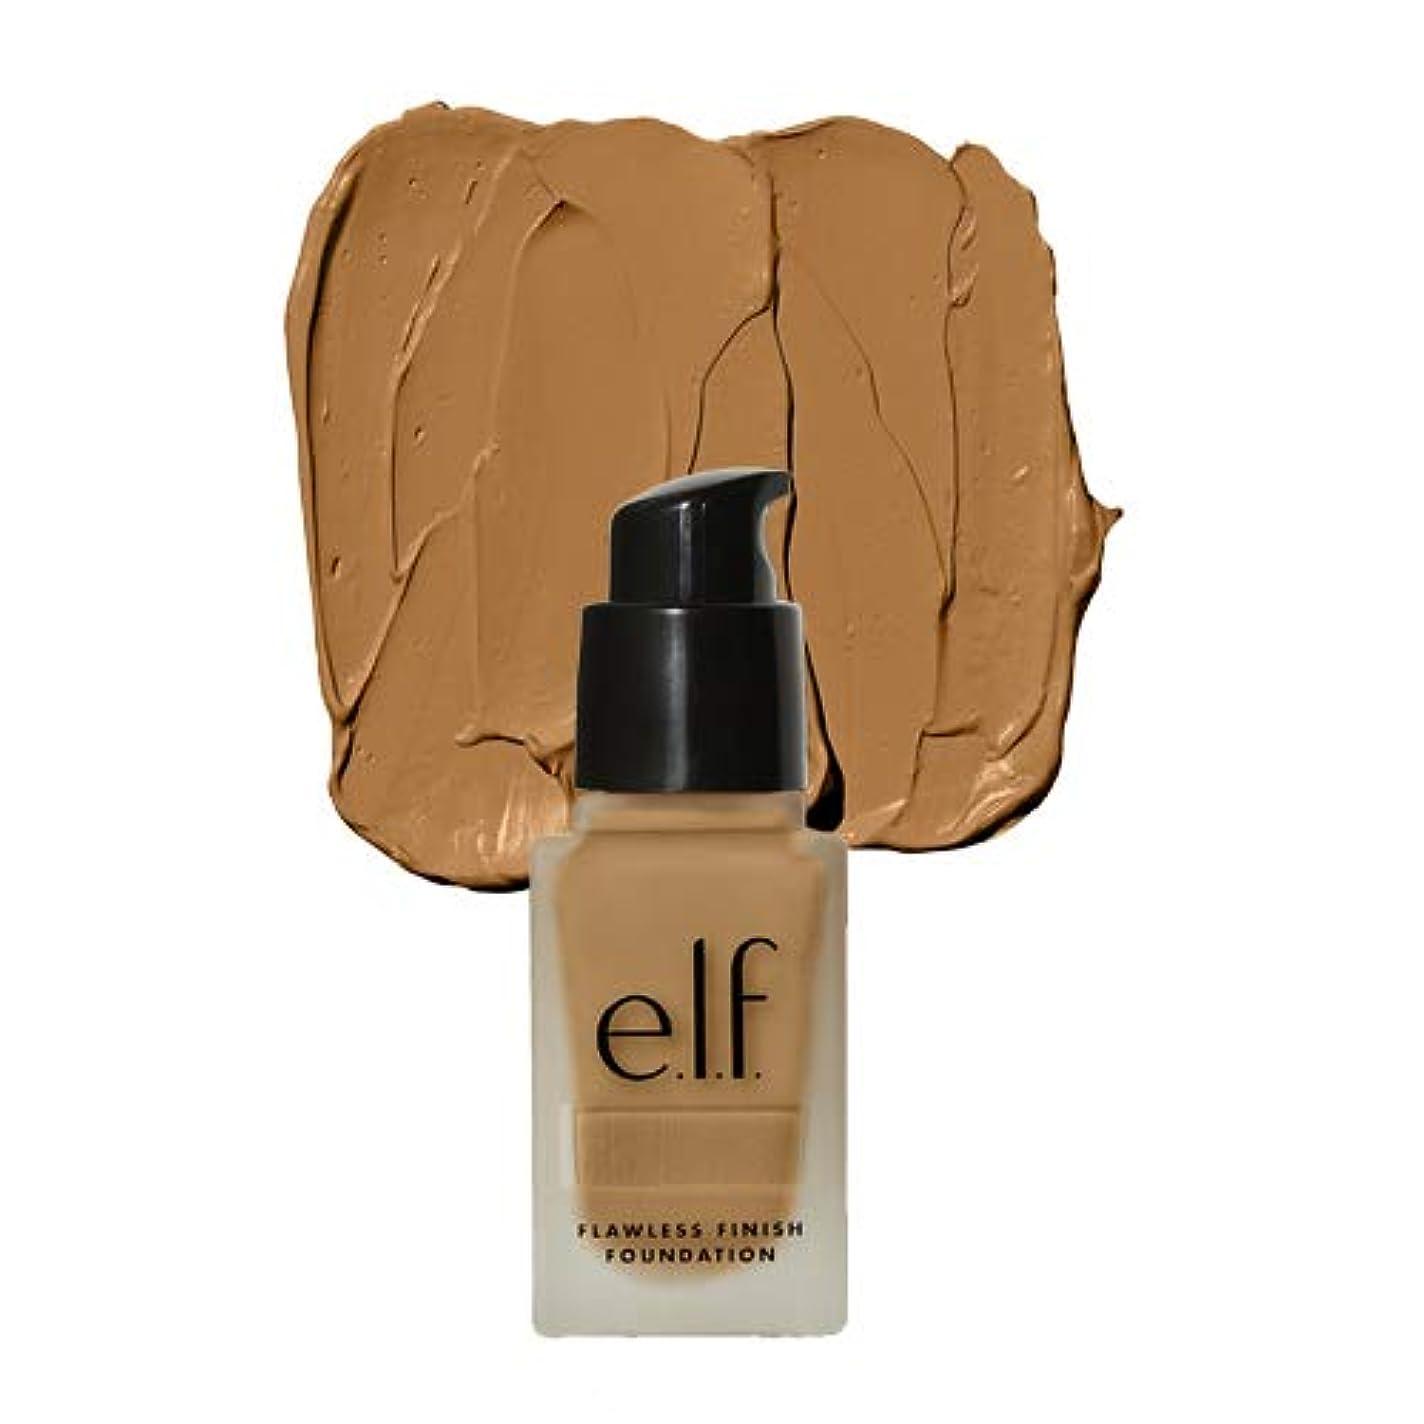 ドナウ川偽アクセス(6 Pack) e.l.f. Oil Free Flawless Finish Foundation - Linen (並行輸入品)